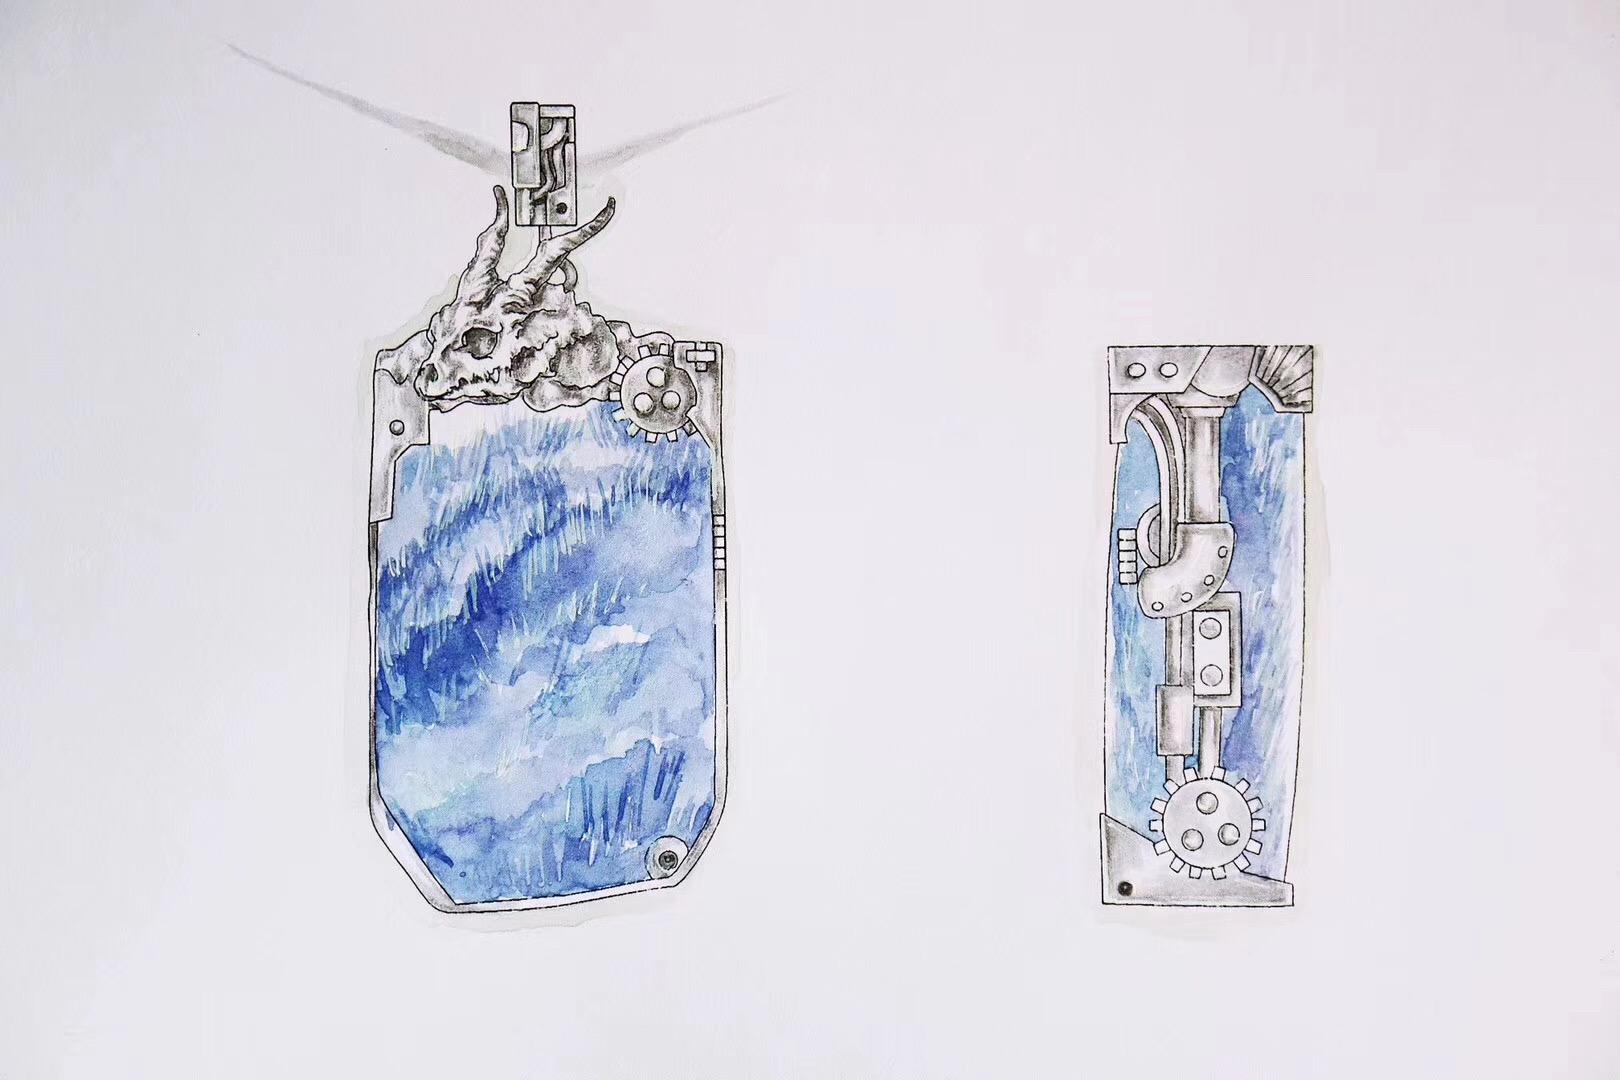 【菩心-蓝发晶】纯天然蓝发晶,非常非常稀有-菩心晶舍